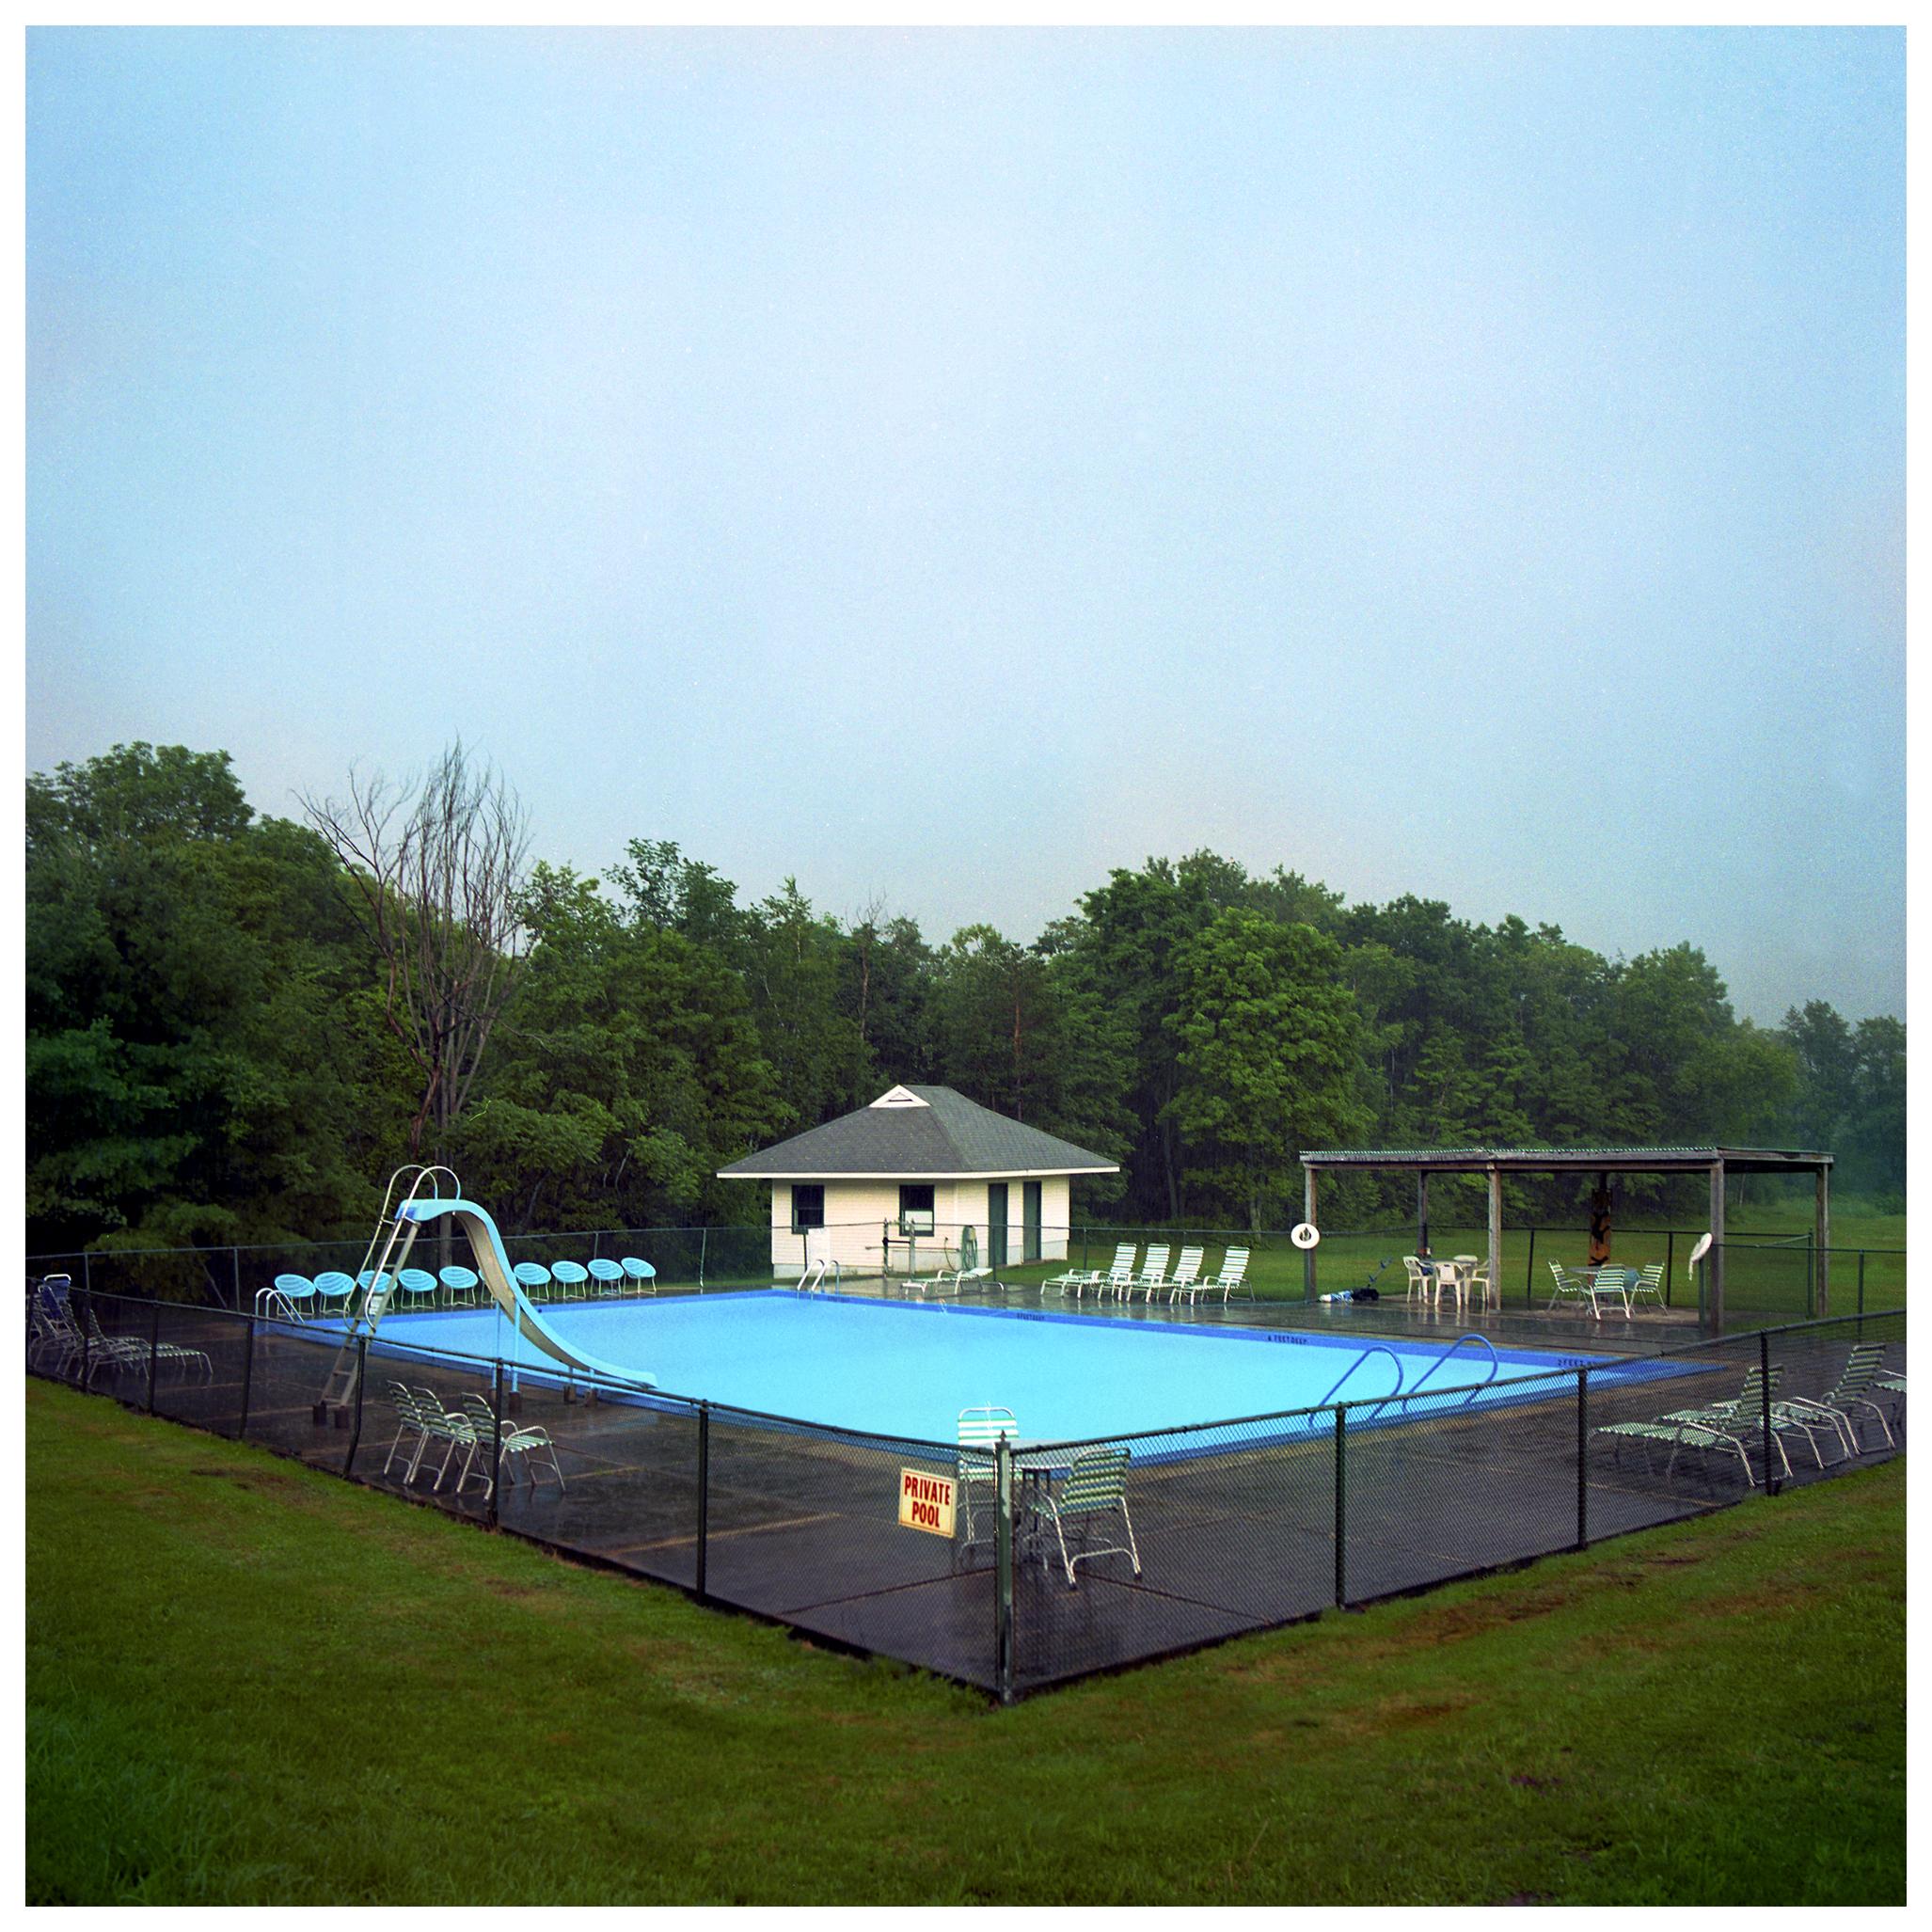 Windham, NY—2009